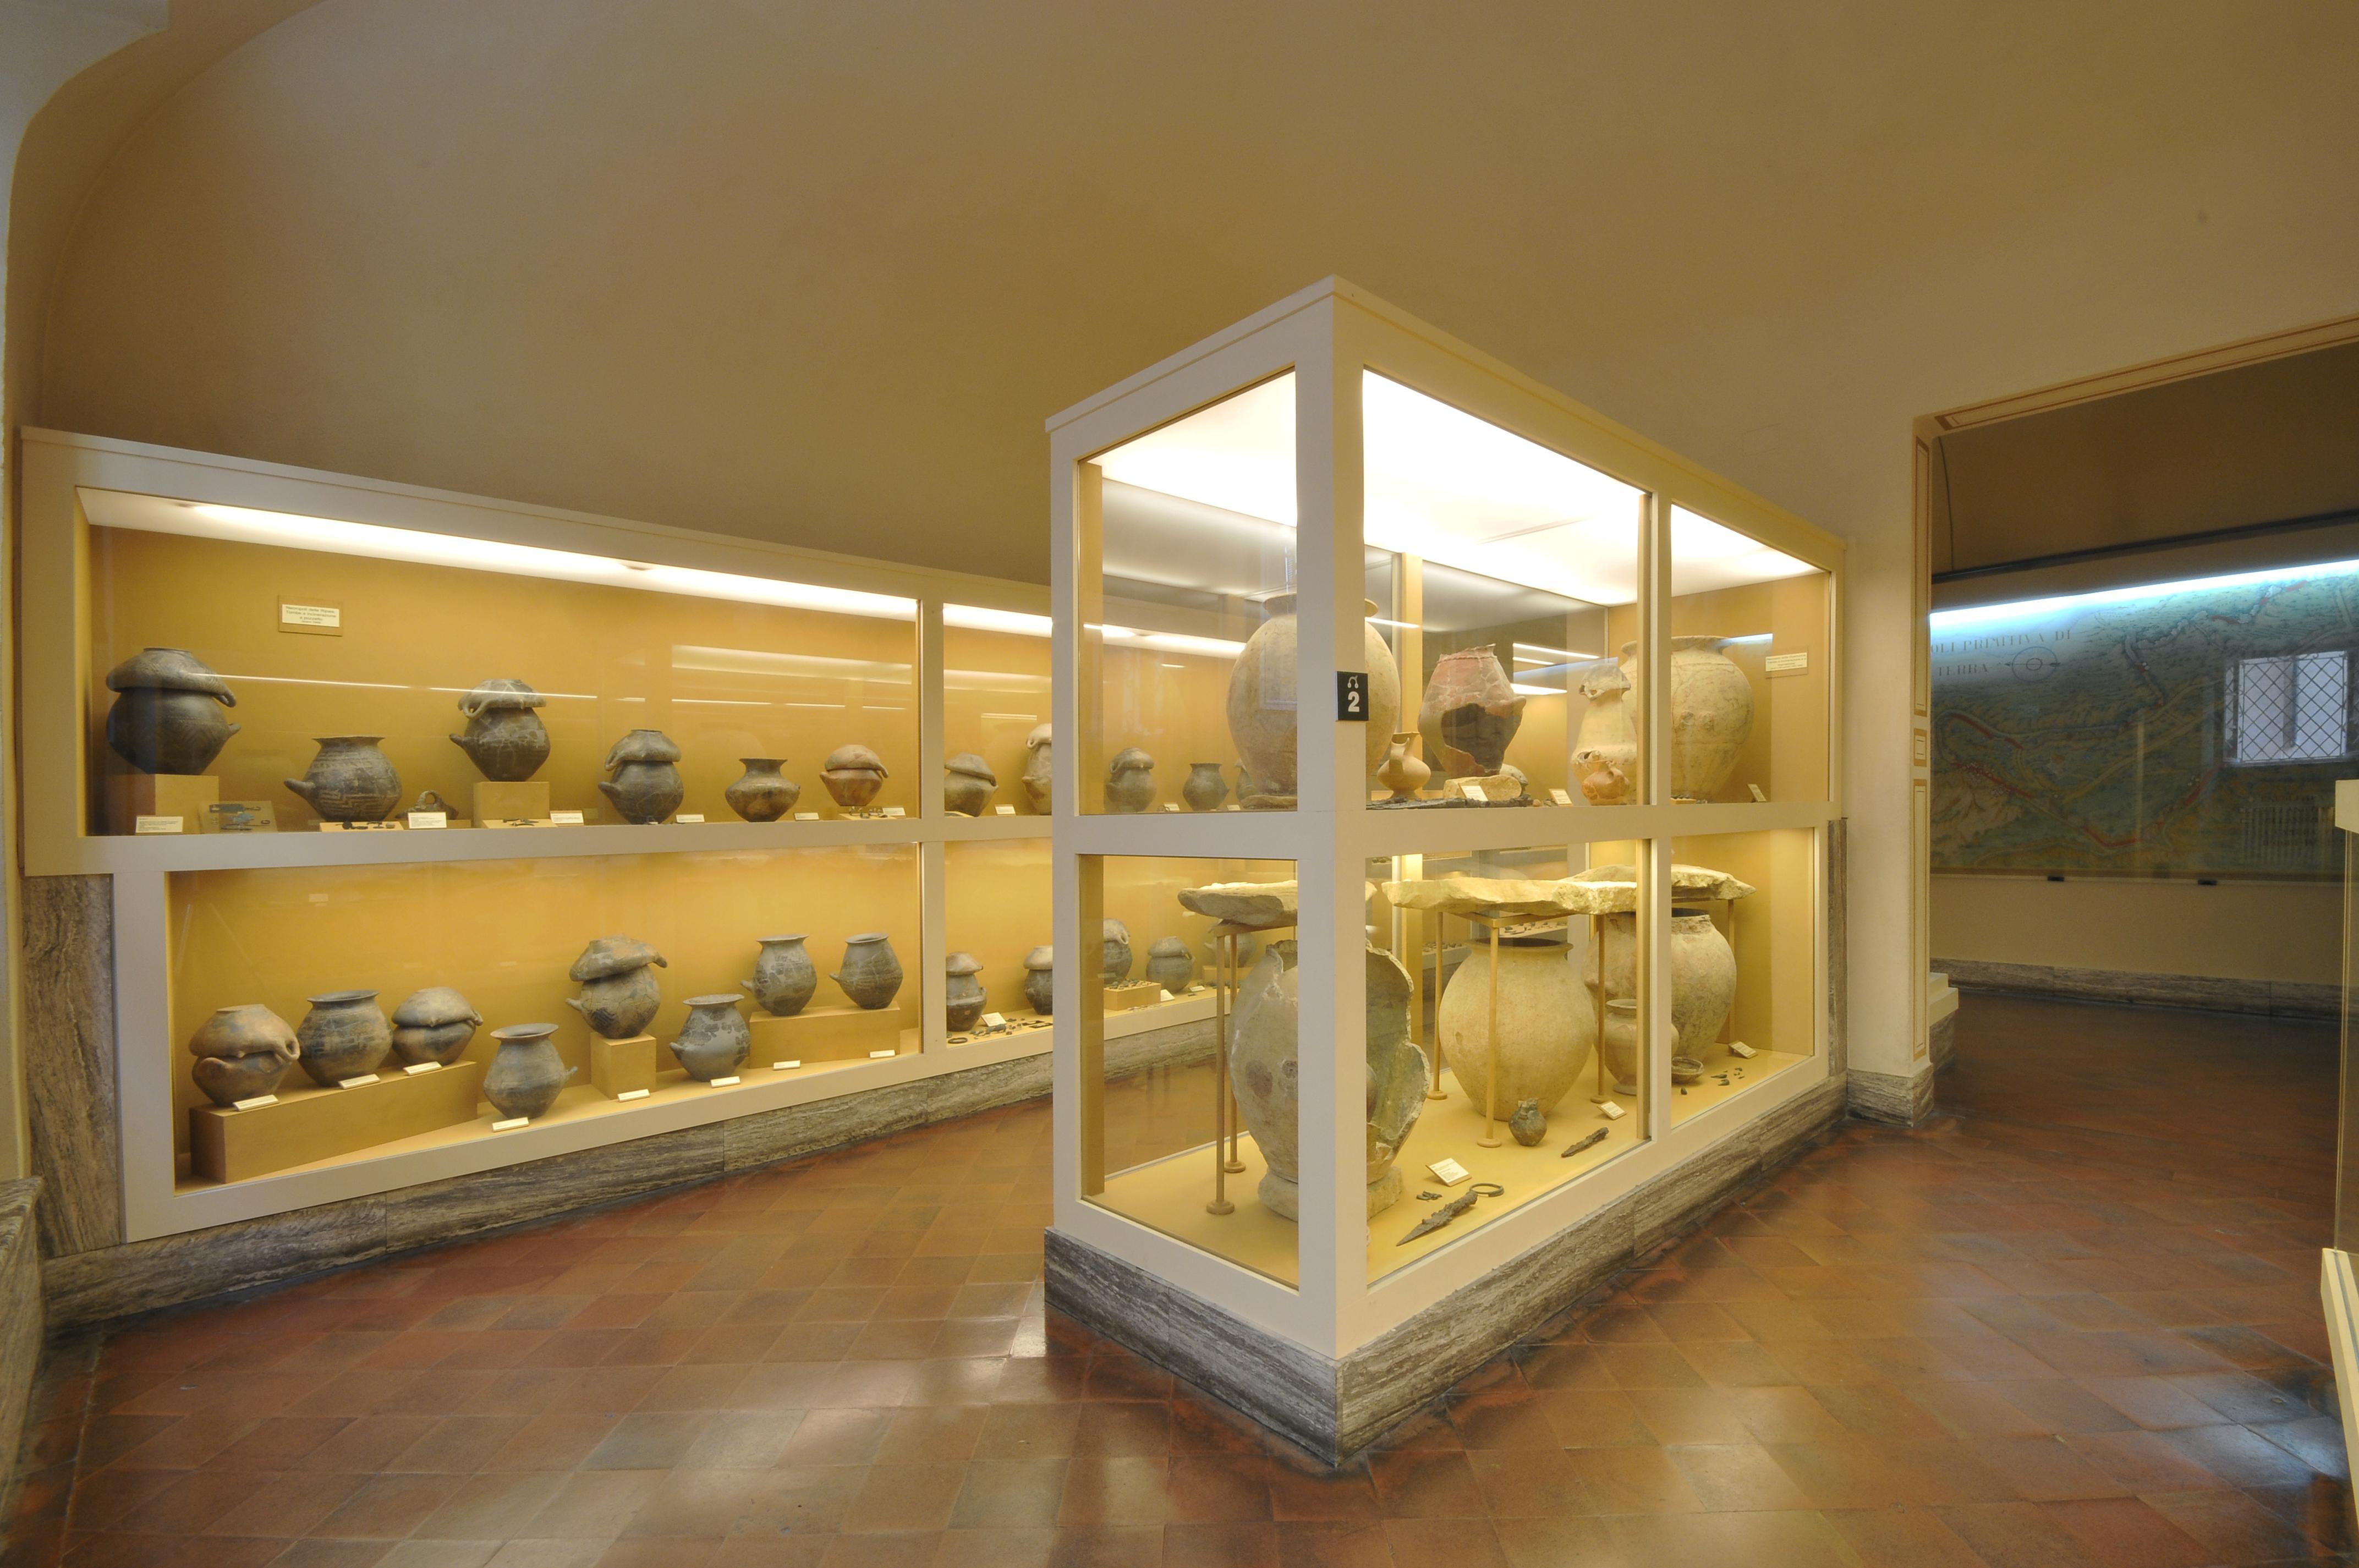 VOLTERRA: CONTINUANO I LAVORI PER IL NUOVO MUSEO ETRUSCO GUARNACCI